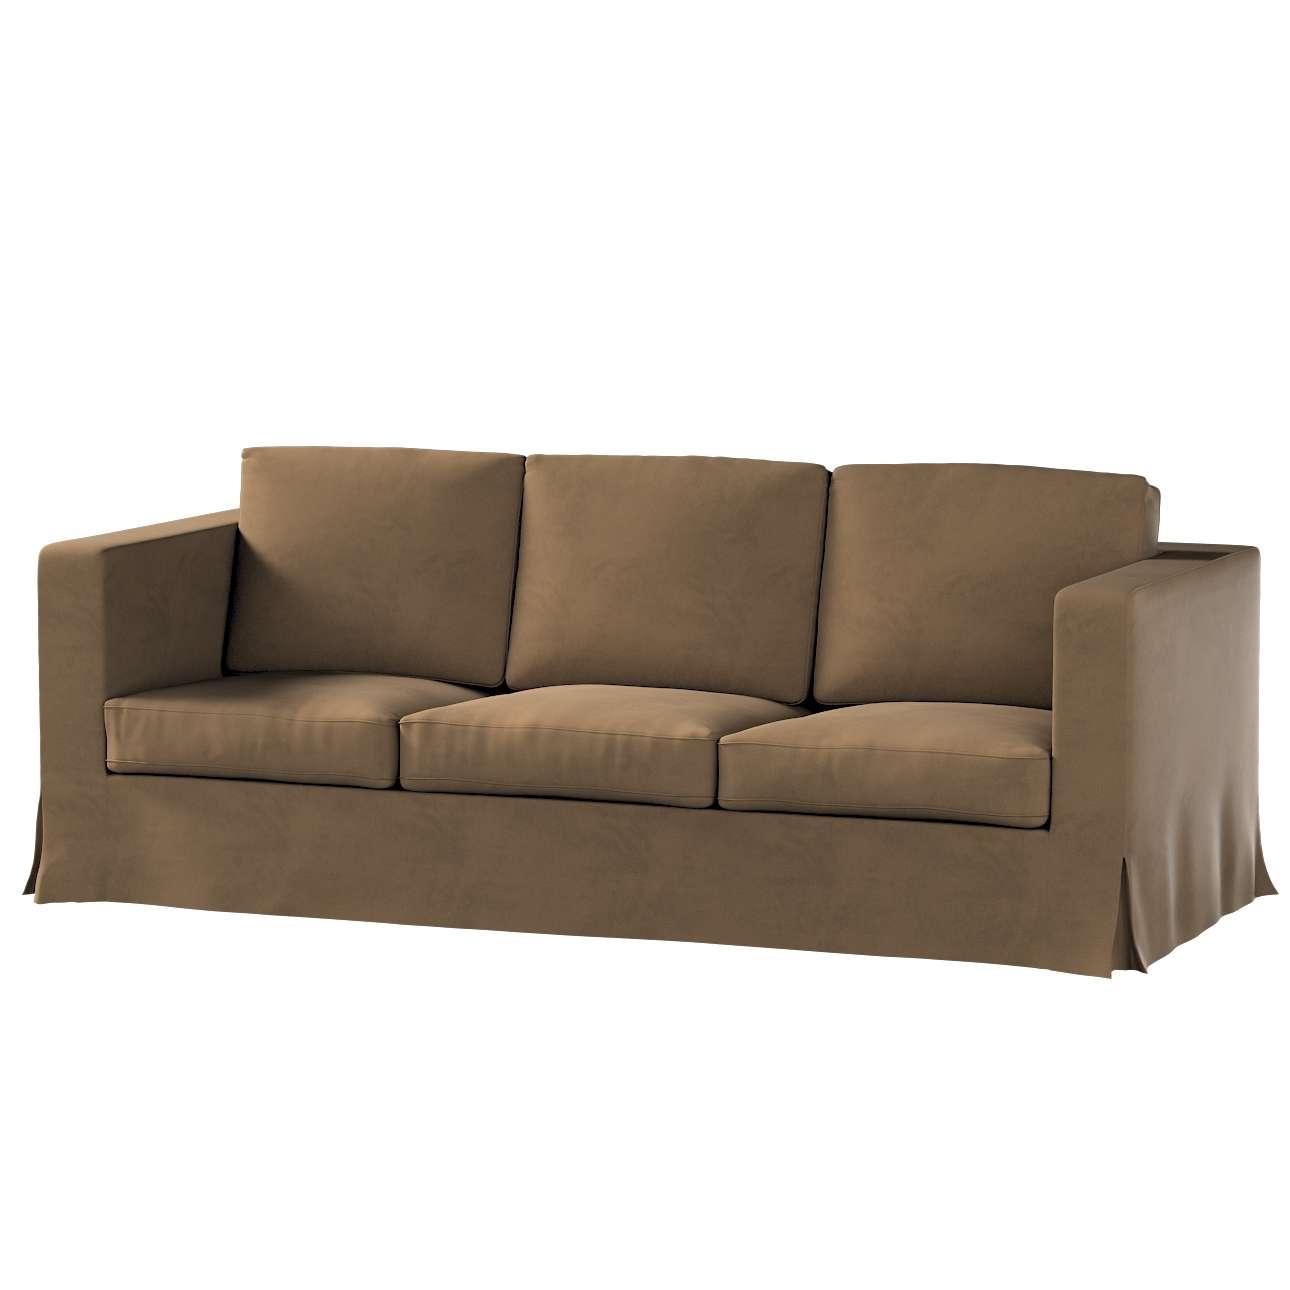 Pokrowiec na sofę Karlanda 3-osobową nierozkładaną, długi w kolekcji Living II, tkanina: 160-94